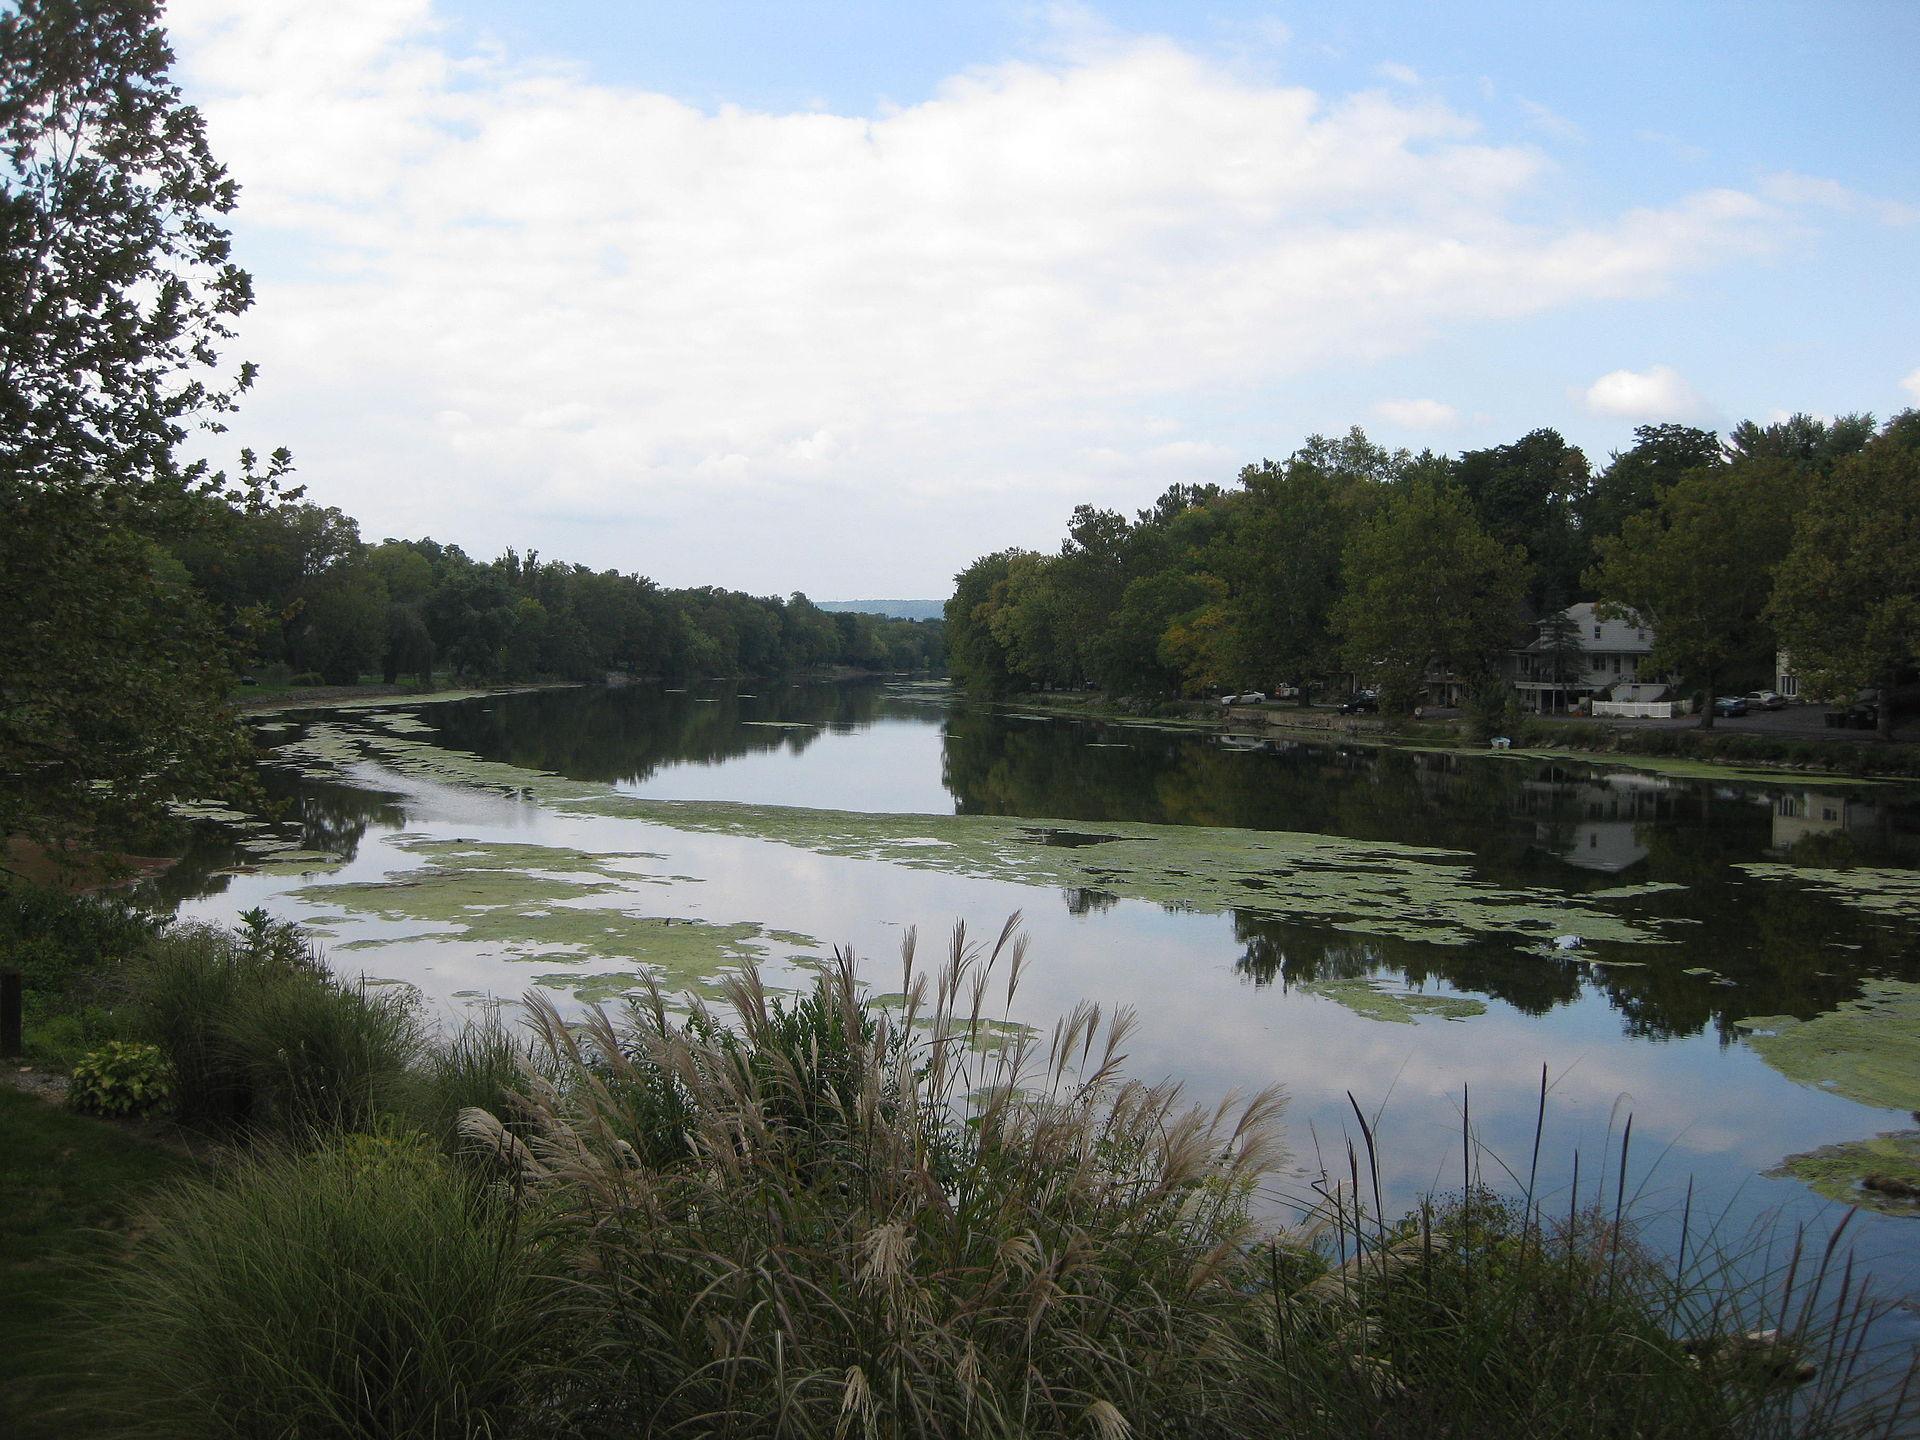 Conodoguinet Creek Biome